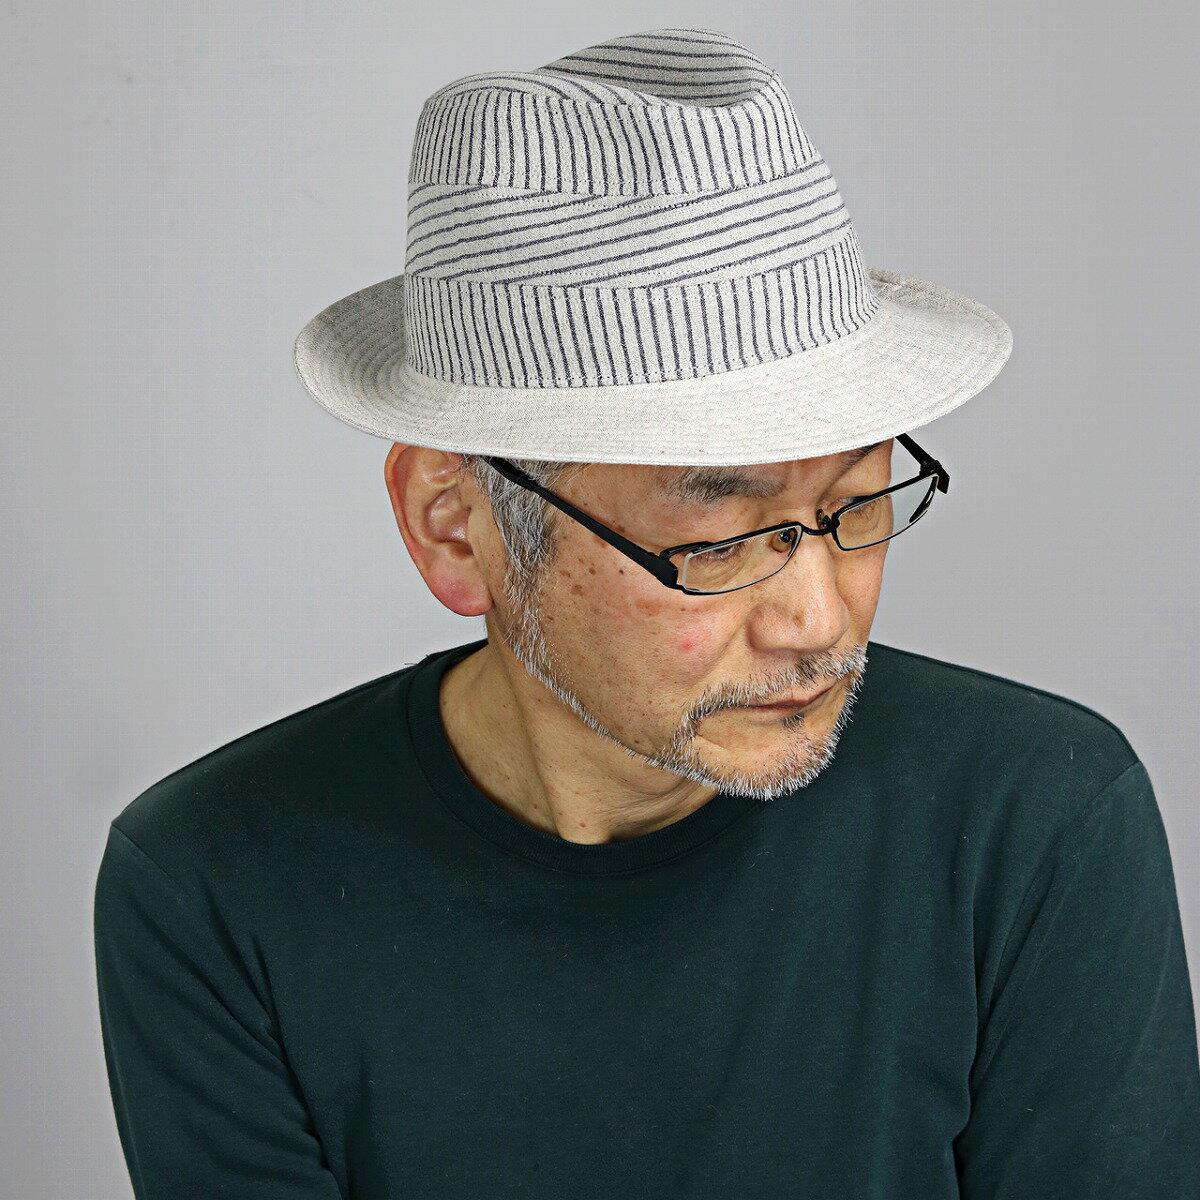 ハット メンズ mila schon 帽子 ミラショーン 中折れメンズ 春夏 ブランド レディース サイズ調節可 日本製 ストライプ ワイドブリム つば広 リネン コットン 麻 綿 おしゃれ 中折れ帽 紳士 ベージュ [ fedora ] 父の日 ギフト 男性 帽子 プレゼント